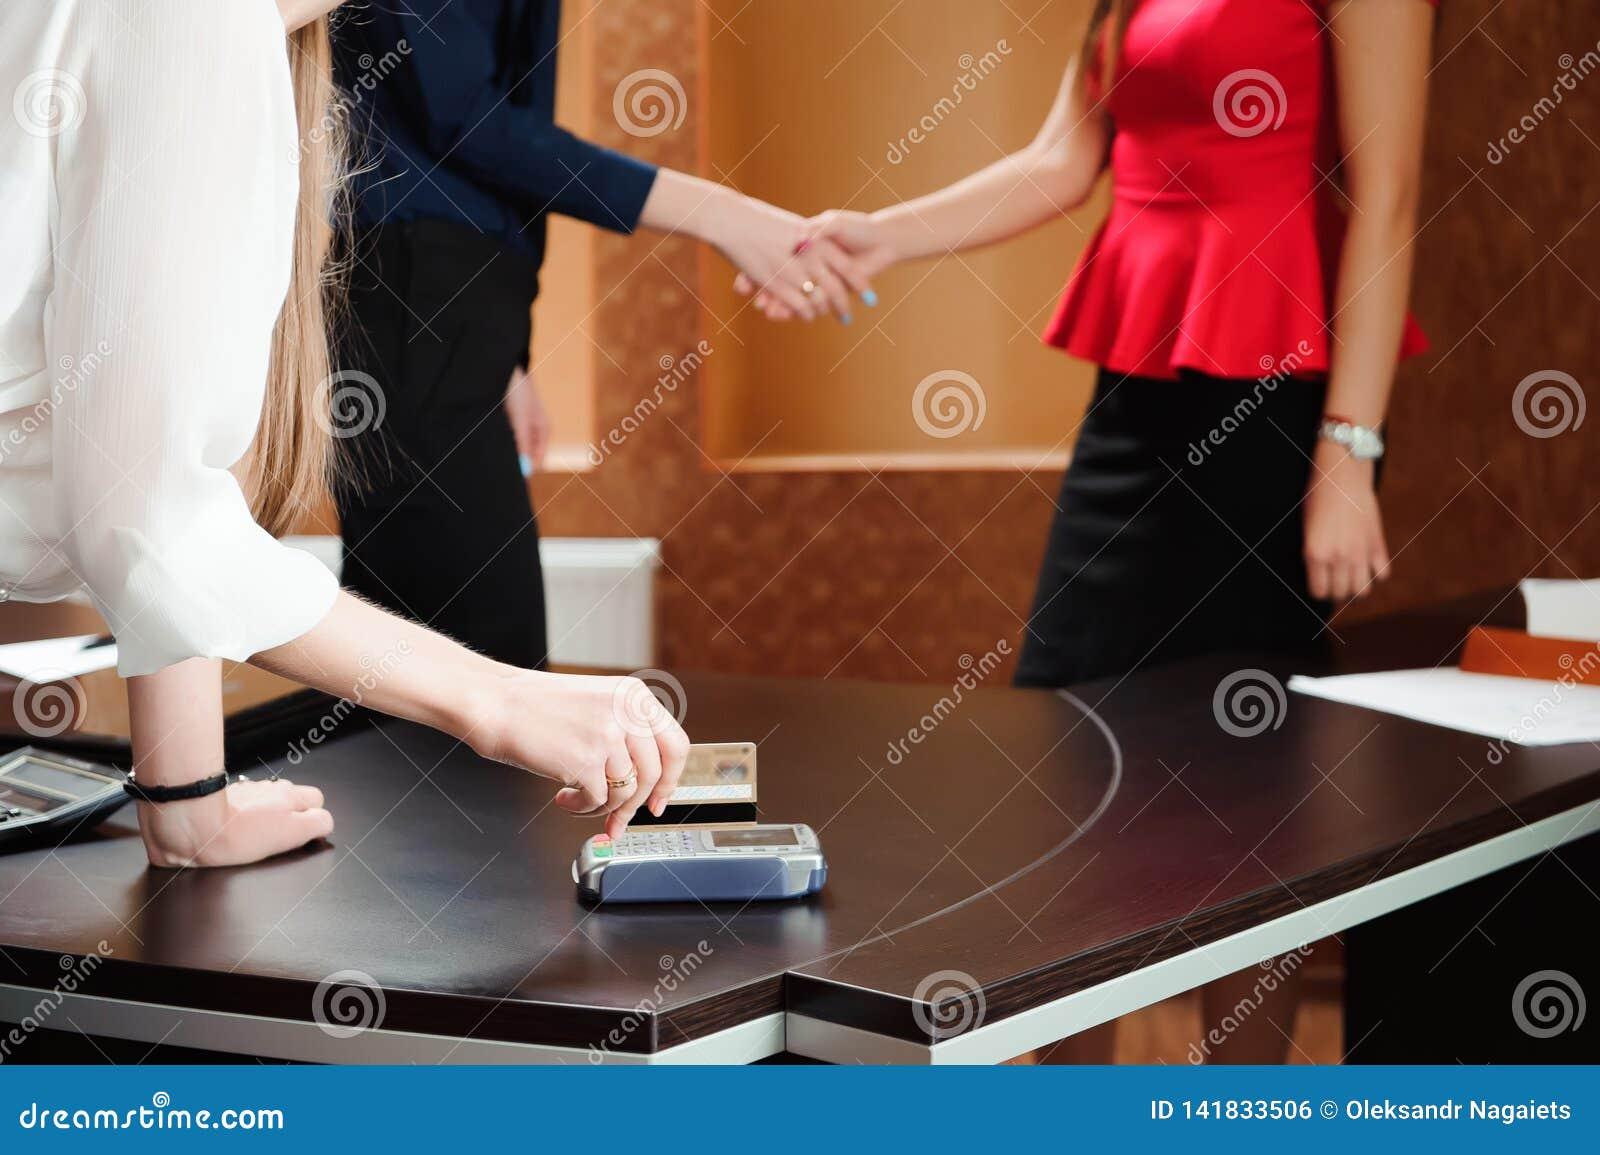 Wręcza swiping kartę debetową na pos śmiertelnie w biurze, ludzi, trzyma konferencję i dyskutuje strategie